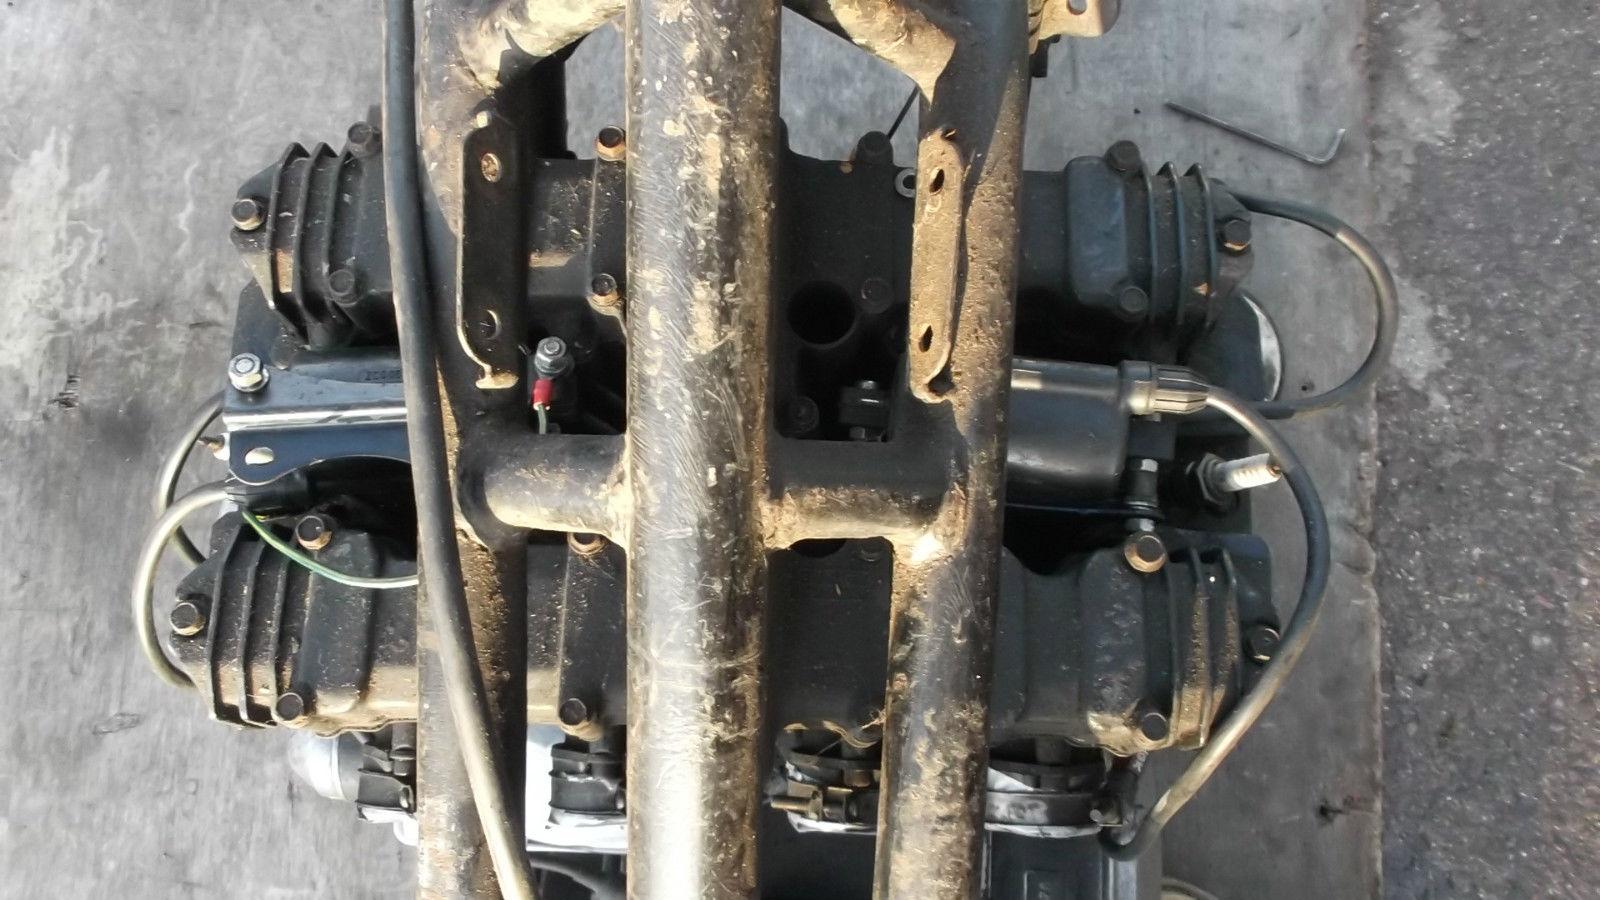 kawasaki z1000j classic twin shock project bike z1 z900 z1000 gpz1100 lawson elr kawasaki gpz 900 service manual download kawasaki gpz 900 service manual download